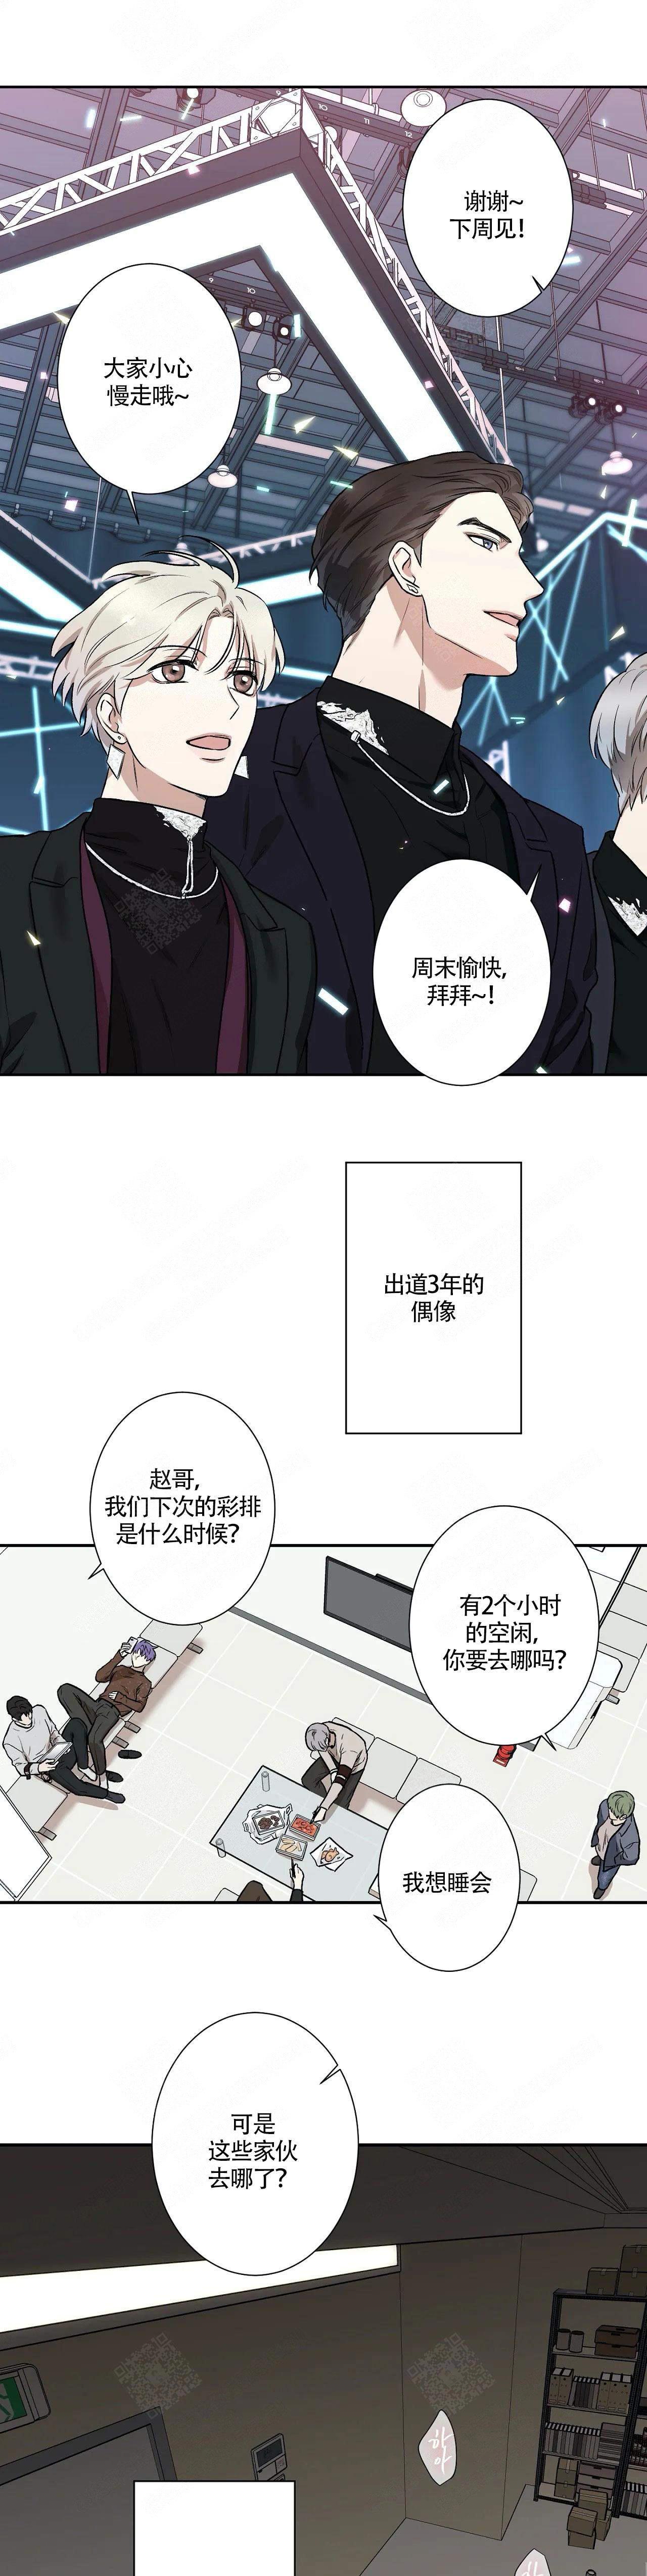 《偶像的秘密恋爱》漫画完结韩漫 全集免费阅读